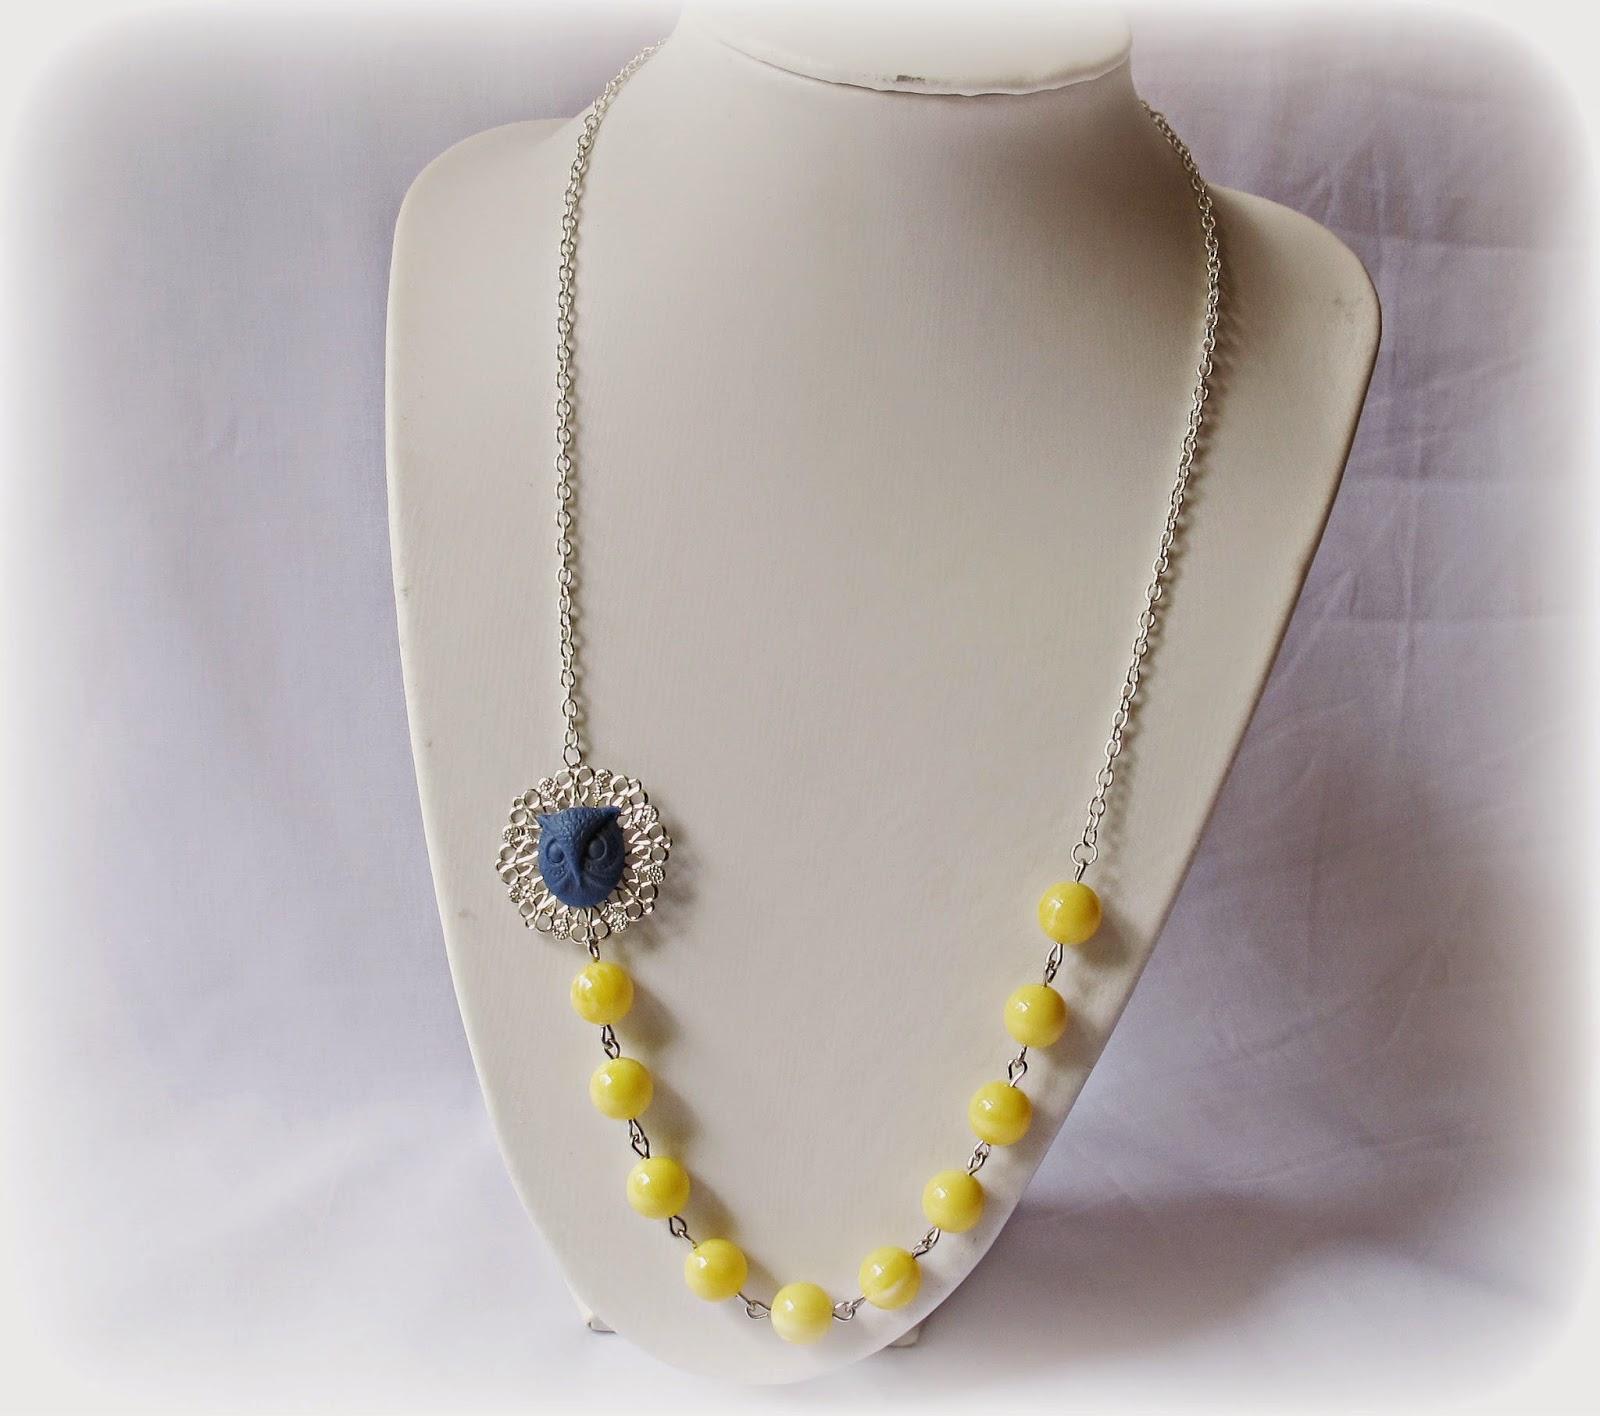 image orome necklace two cheeky monkeys candyland range woodland owl navy blue sunshine yellow vintage beads lucite